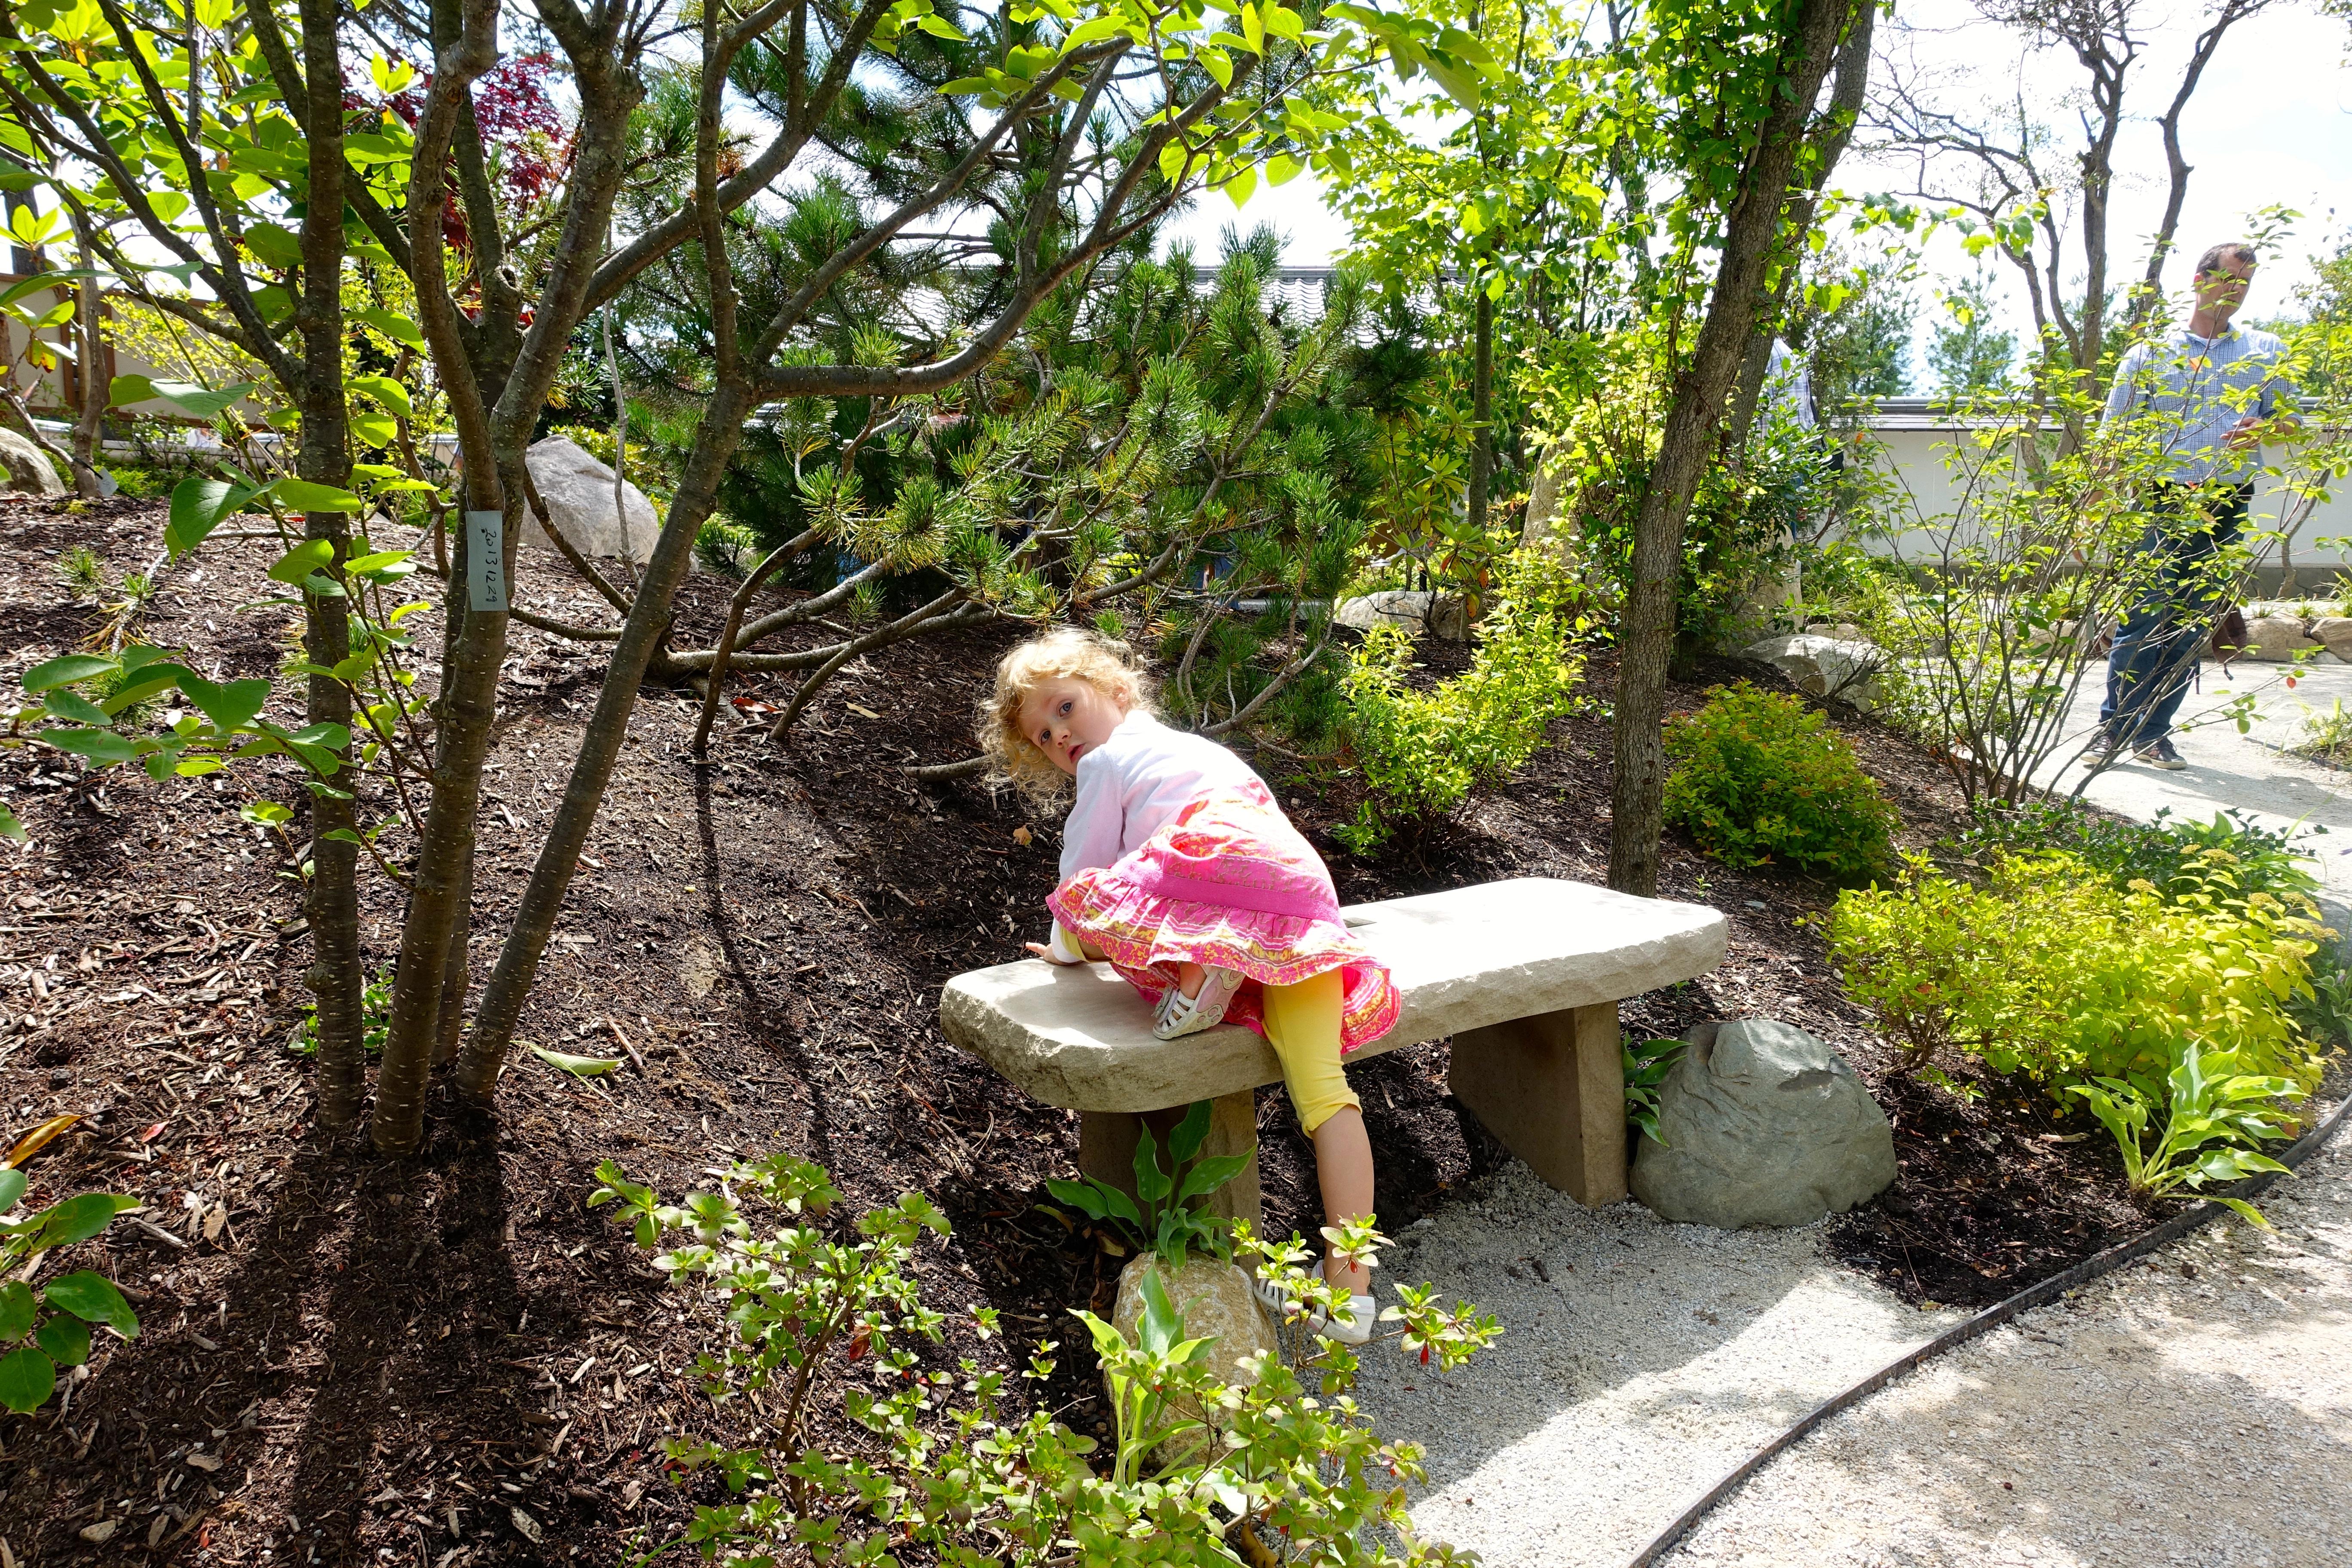 Bench at Frederik Meijer Japanese Garden